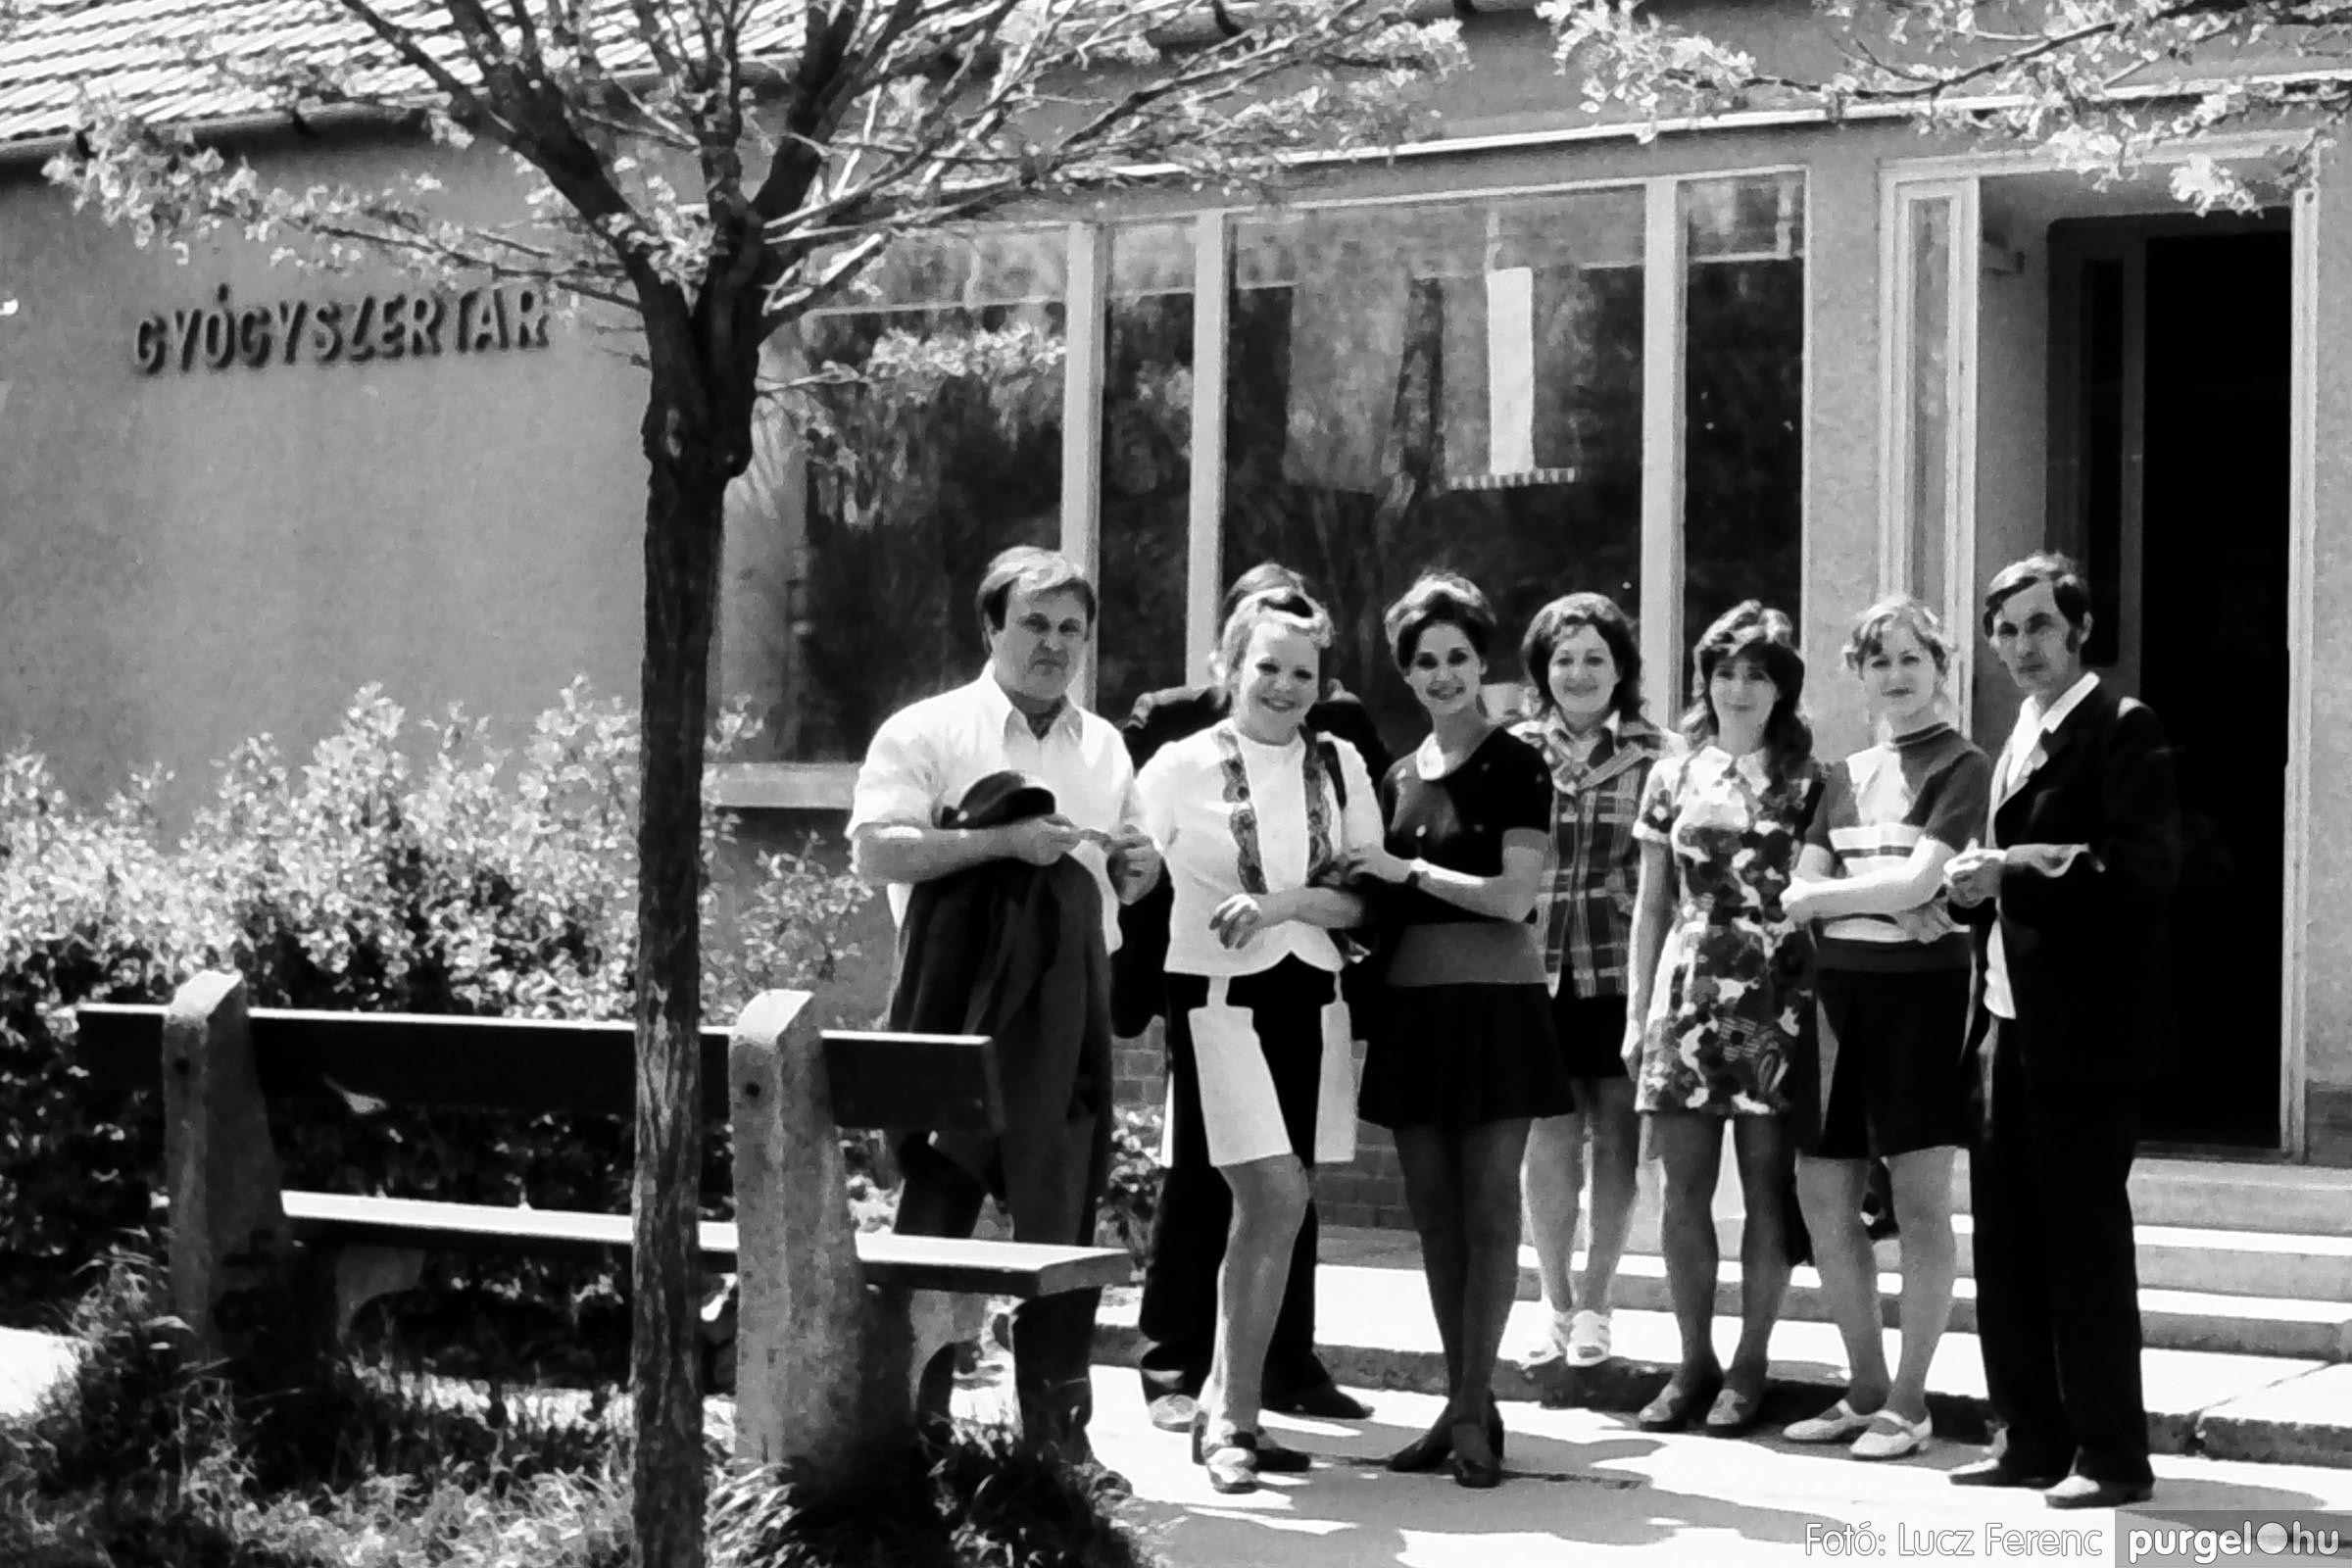 013 1975.04. A felszabadulási munkaverseny győztes üzeme 004 - Fotó: Lucz Ferenc IMG00111q.jpg